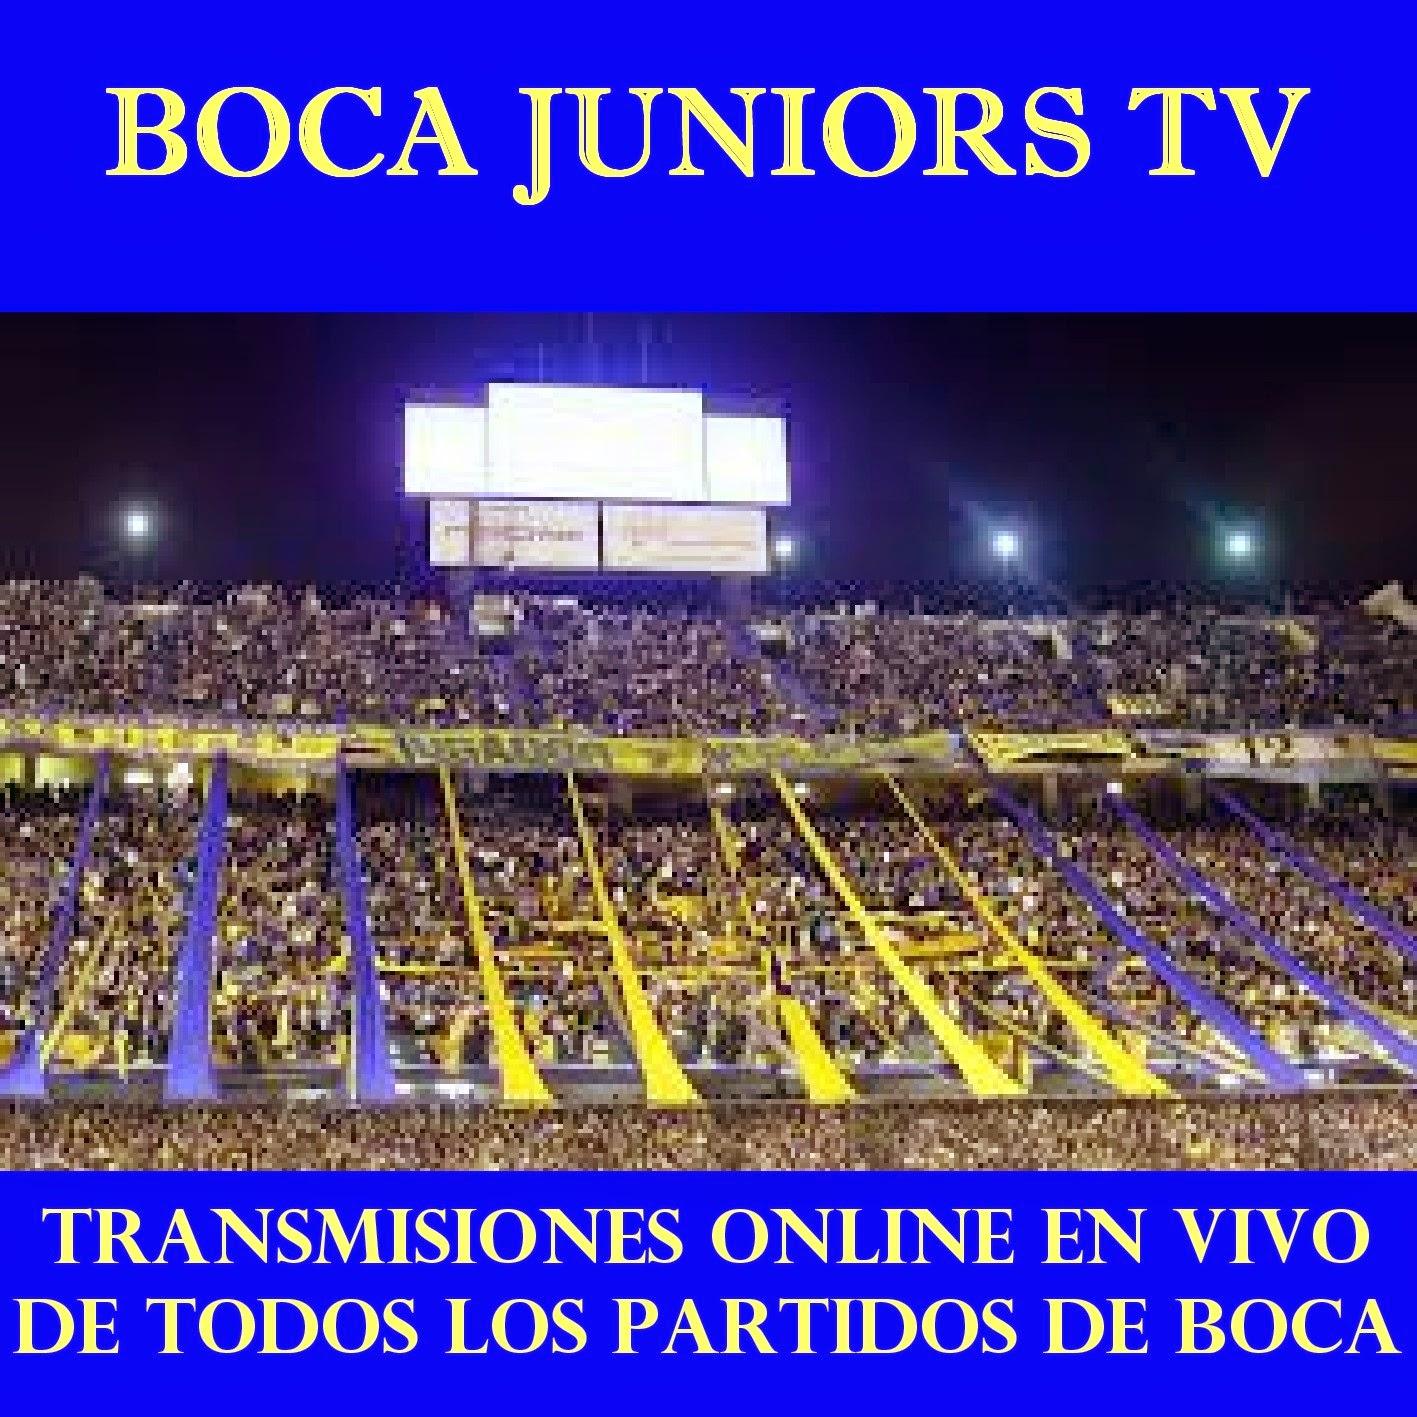 BOCA JUNIORS TV.  PARA ENTRAR A LA PAGINA SE LES PIDE PRESIONAR SOBRE LA IMAGEN